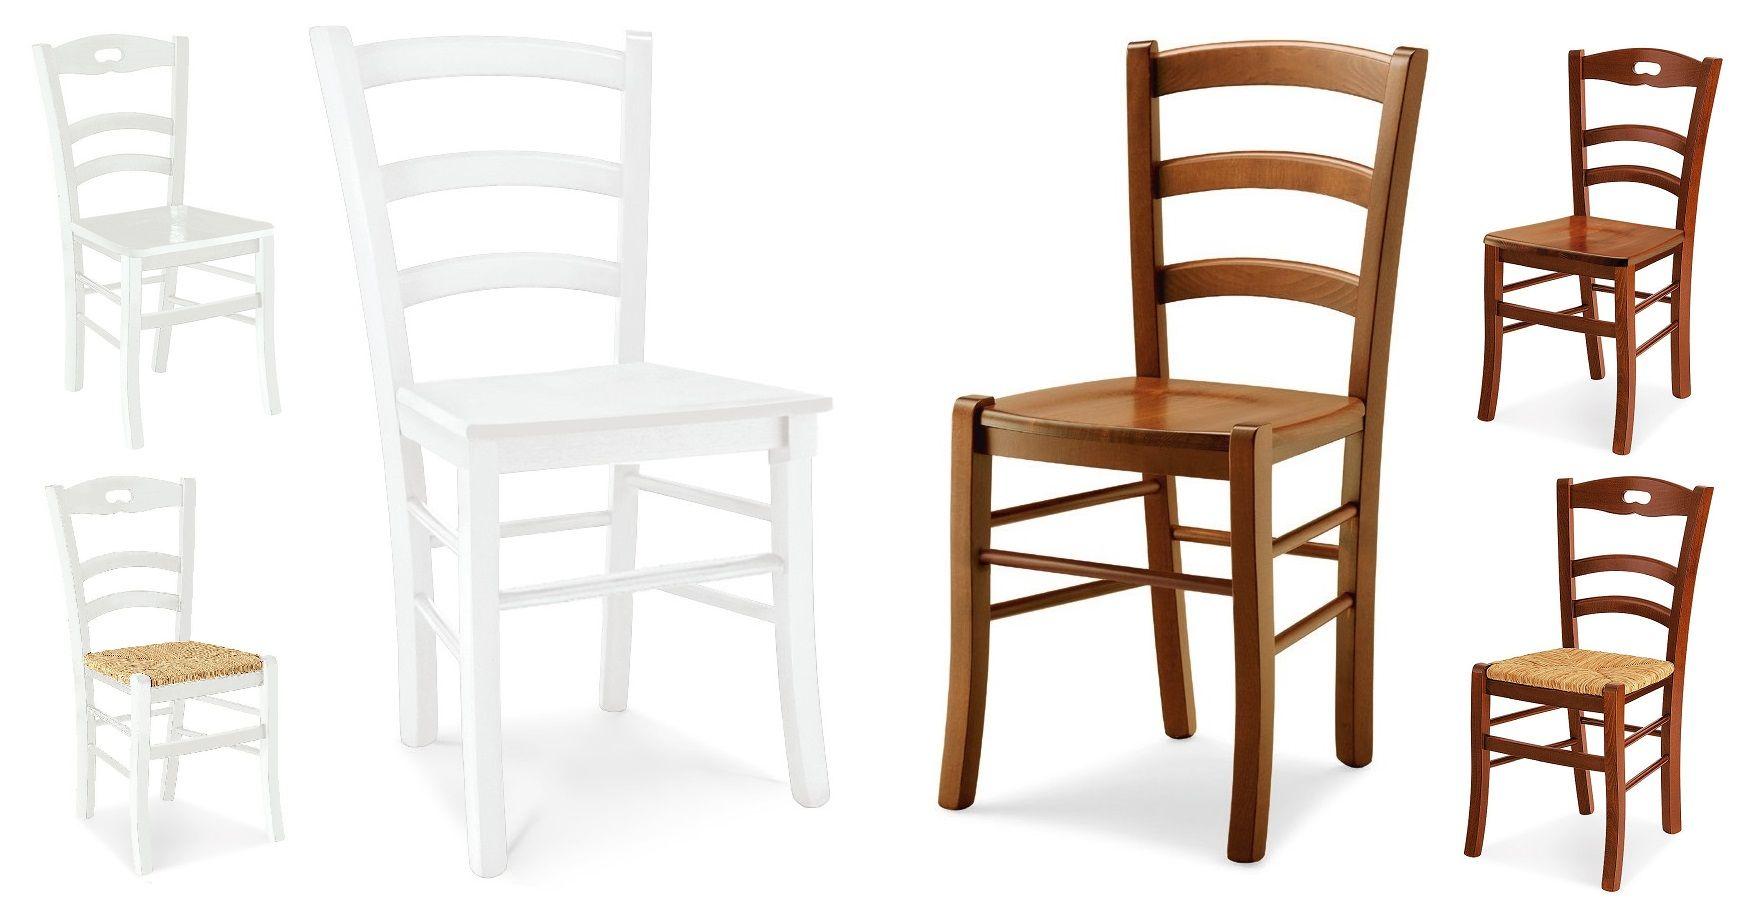 Mobili da arredo : Sedia Eva legno colore bianco opaco e noce ...